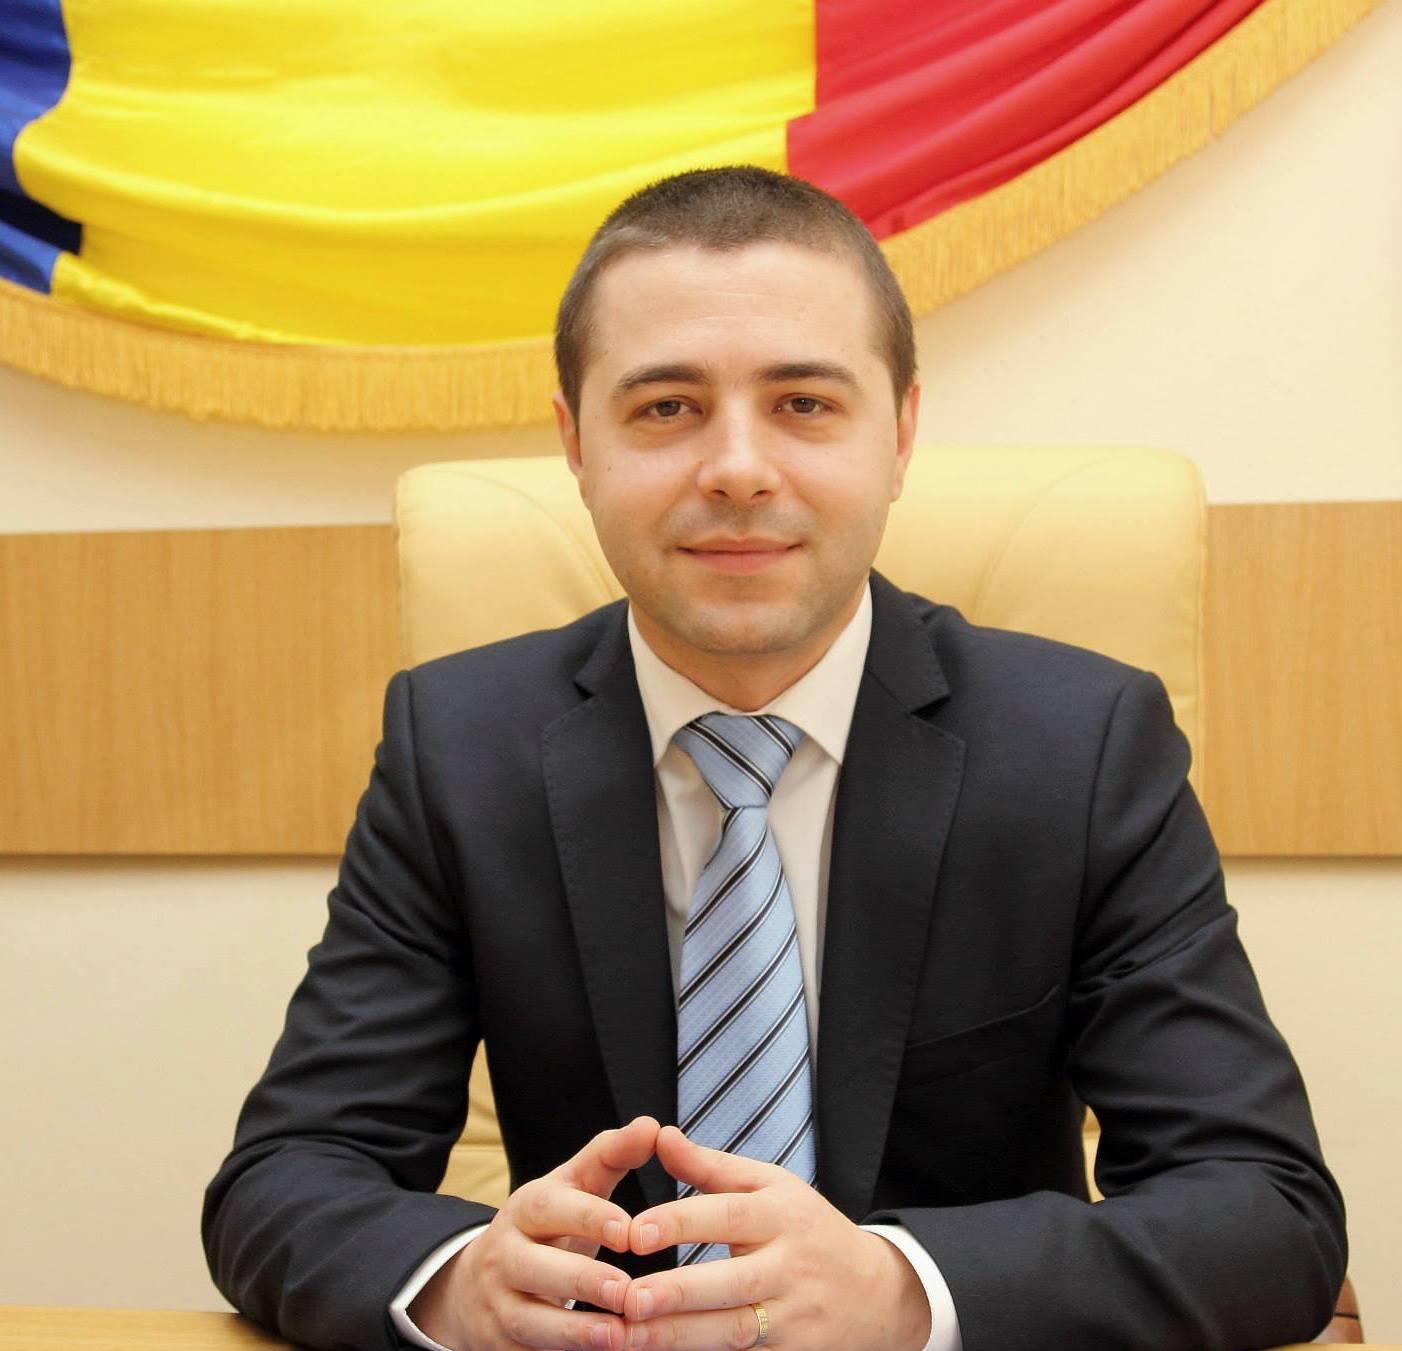 """Cîrjan: ,,Dacă este vreun partid îndreptăţit să fie alături pe ultimul drum de Regele Mihai, atunci acel partid este Partidul Naţional Liberal!"""""""